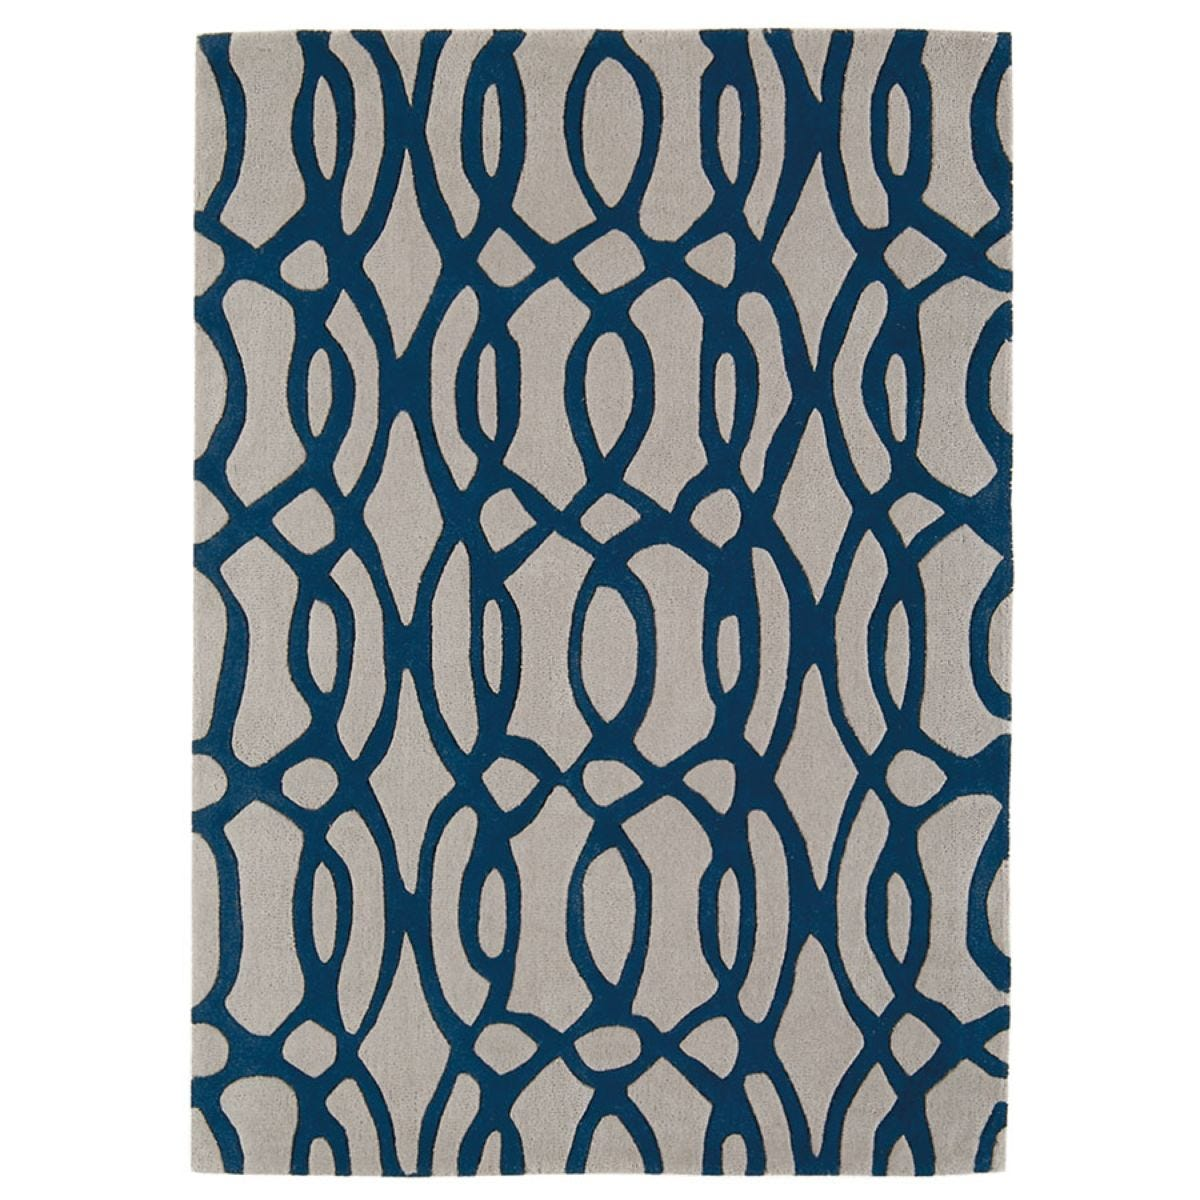 Asiatic Matrix Rug, 200 x 300cm - Blue